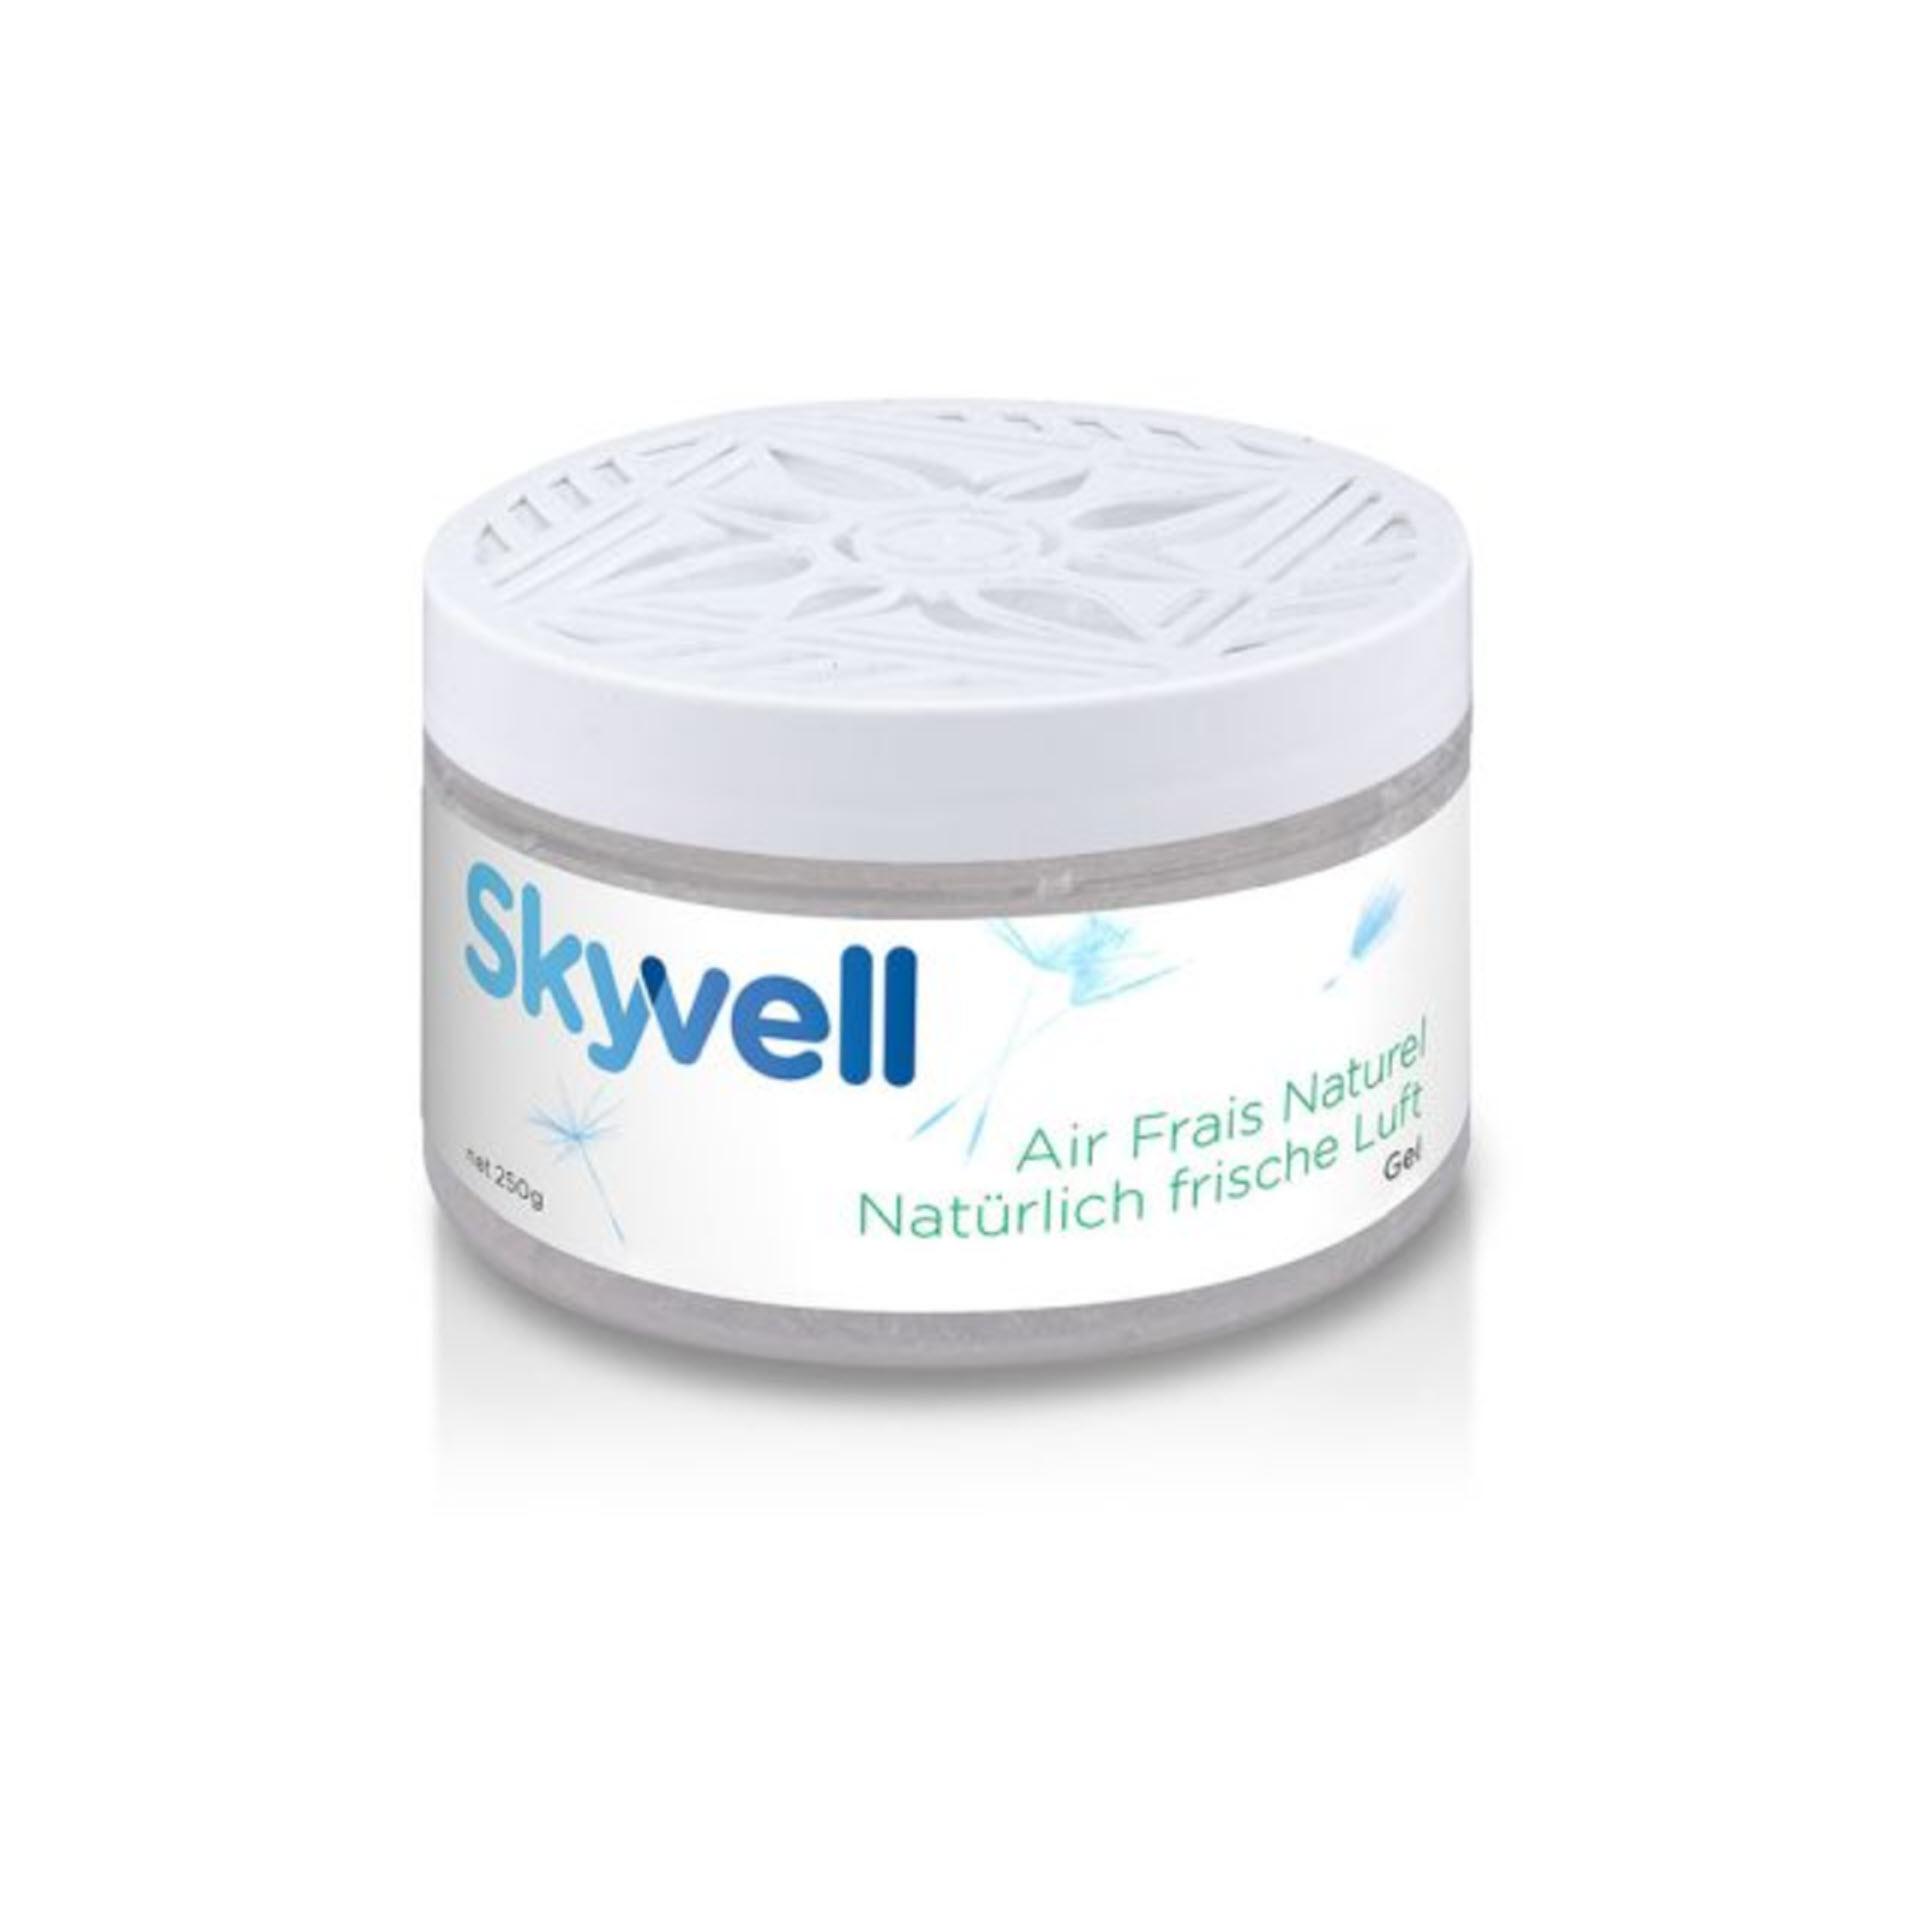 Skyvell Gel  Geruchsneutralisator mit natürlichen Inhaltsstoffen - 250 g Dose